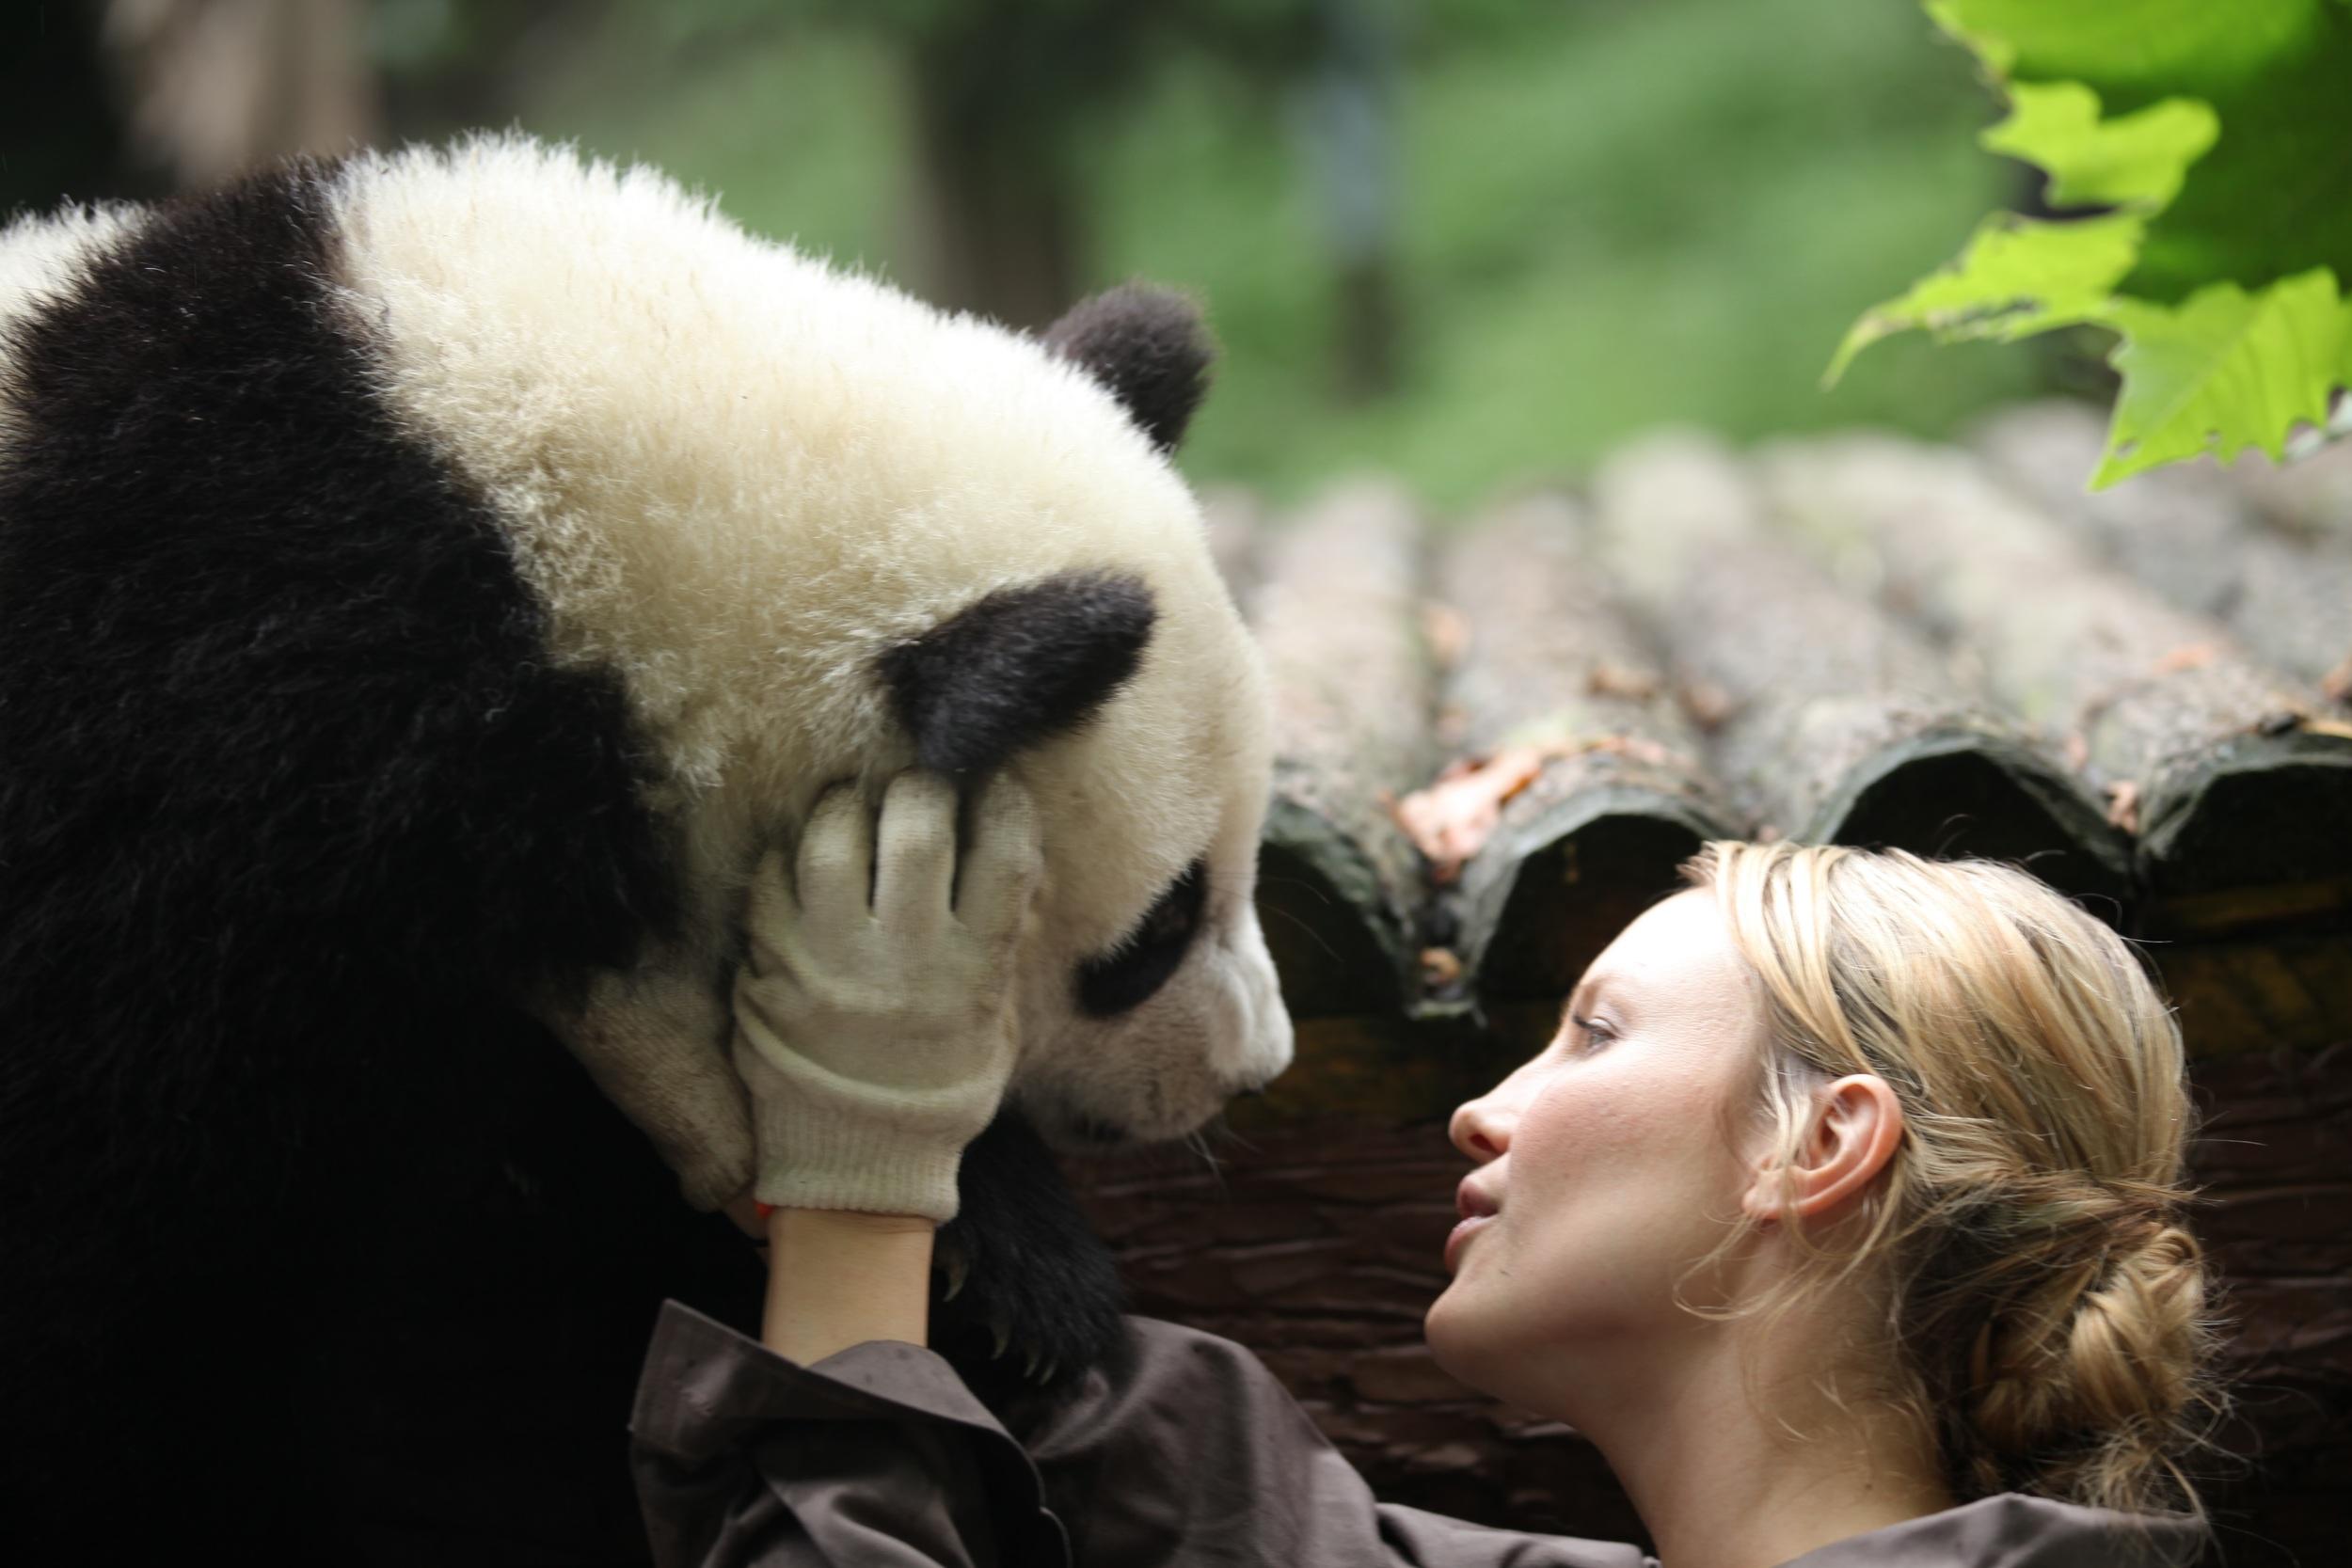 sneezing-baby-panda 1.jpg